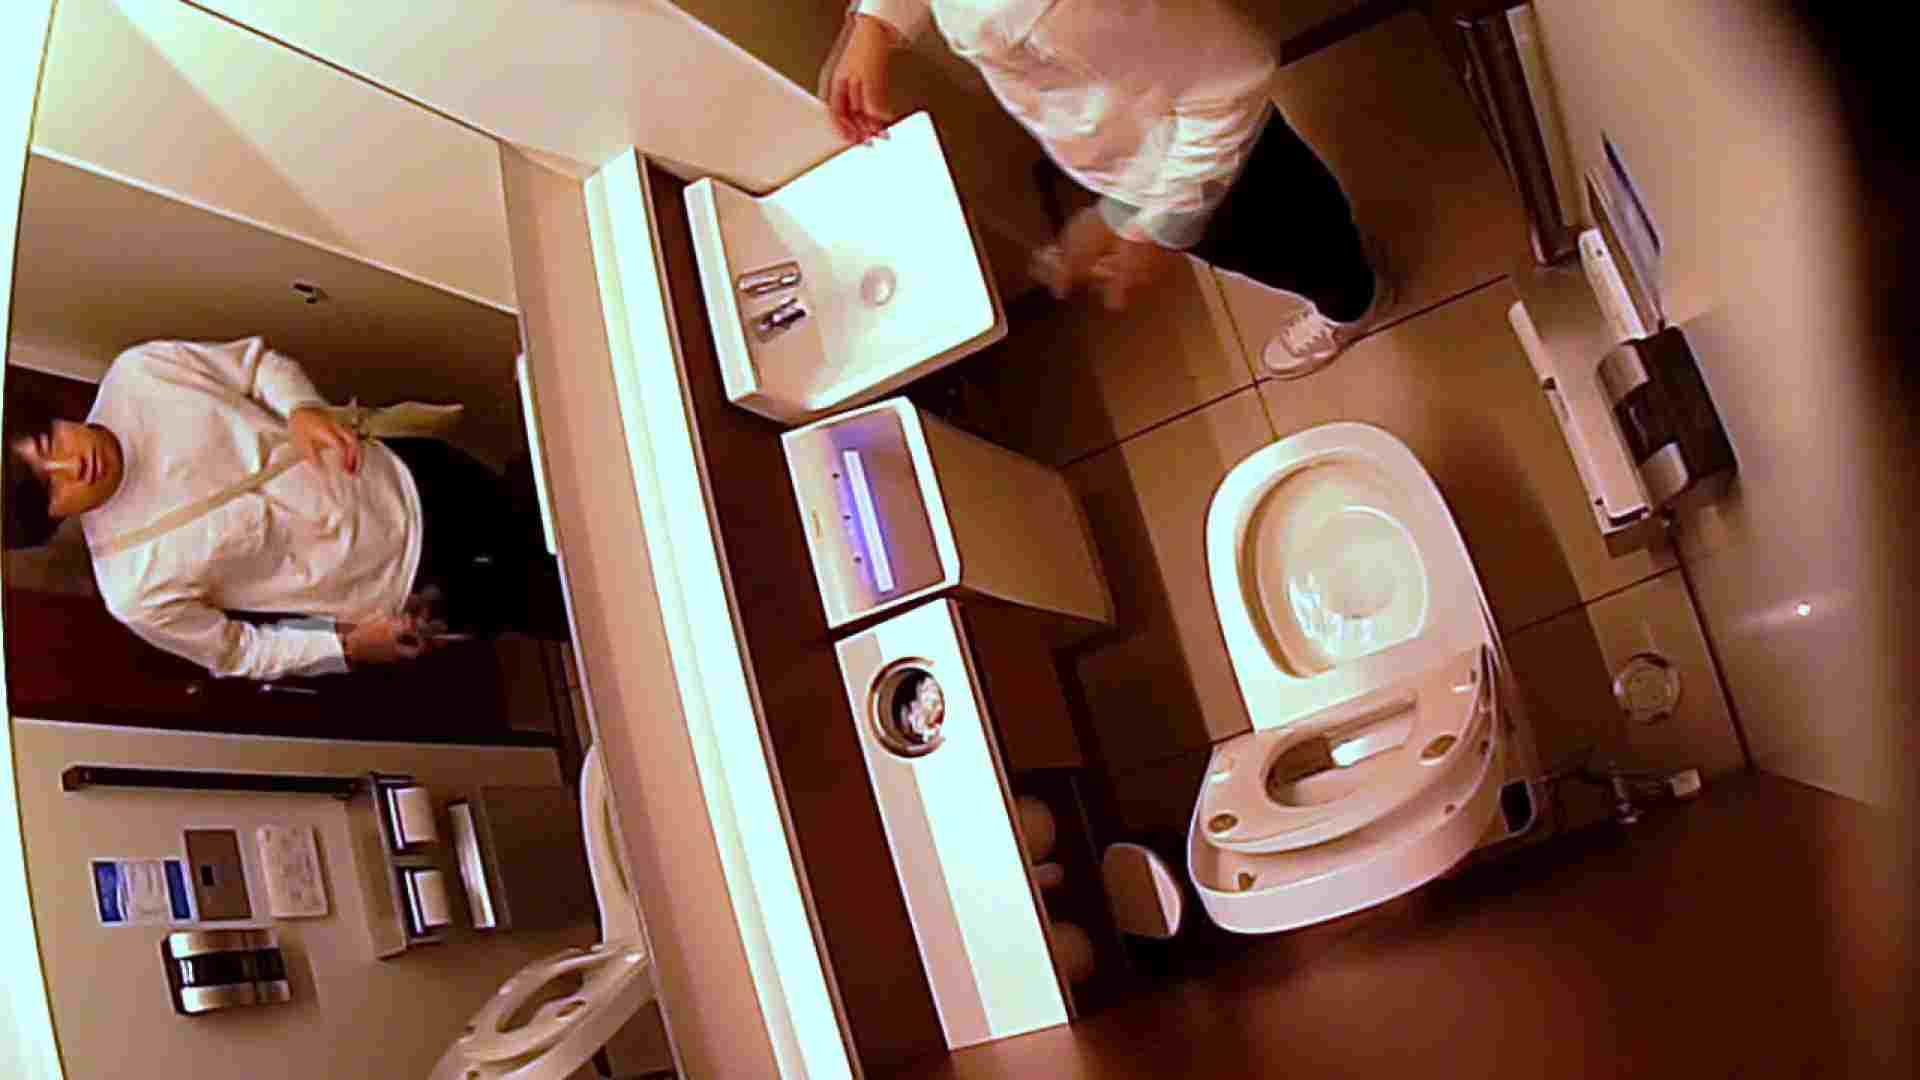 すみませんが覗かせてください Vol.32 トイレ | 0  102pic 11